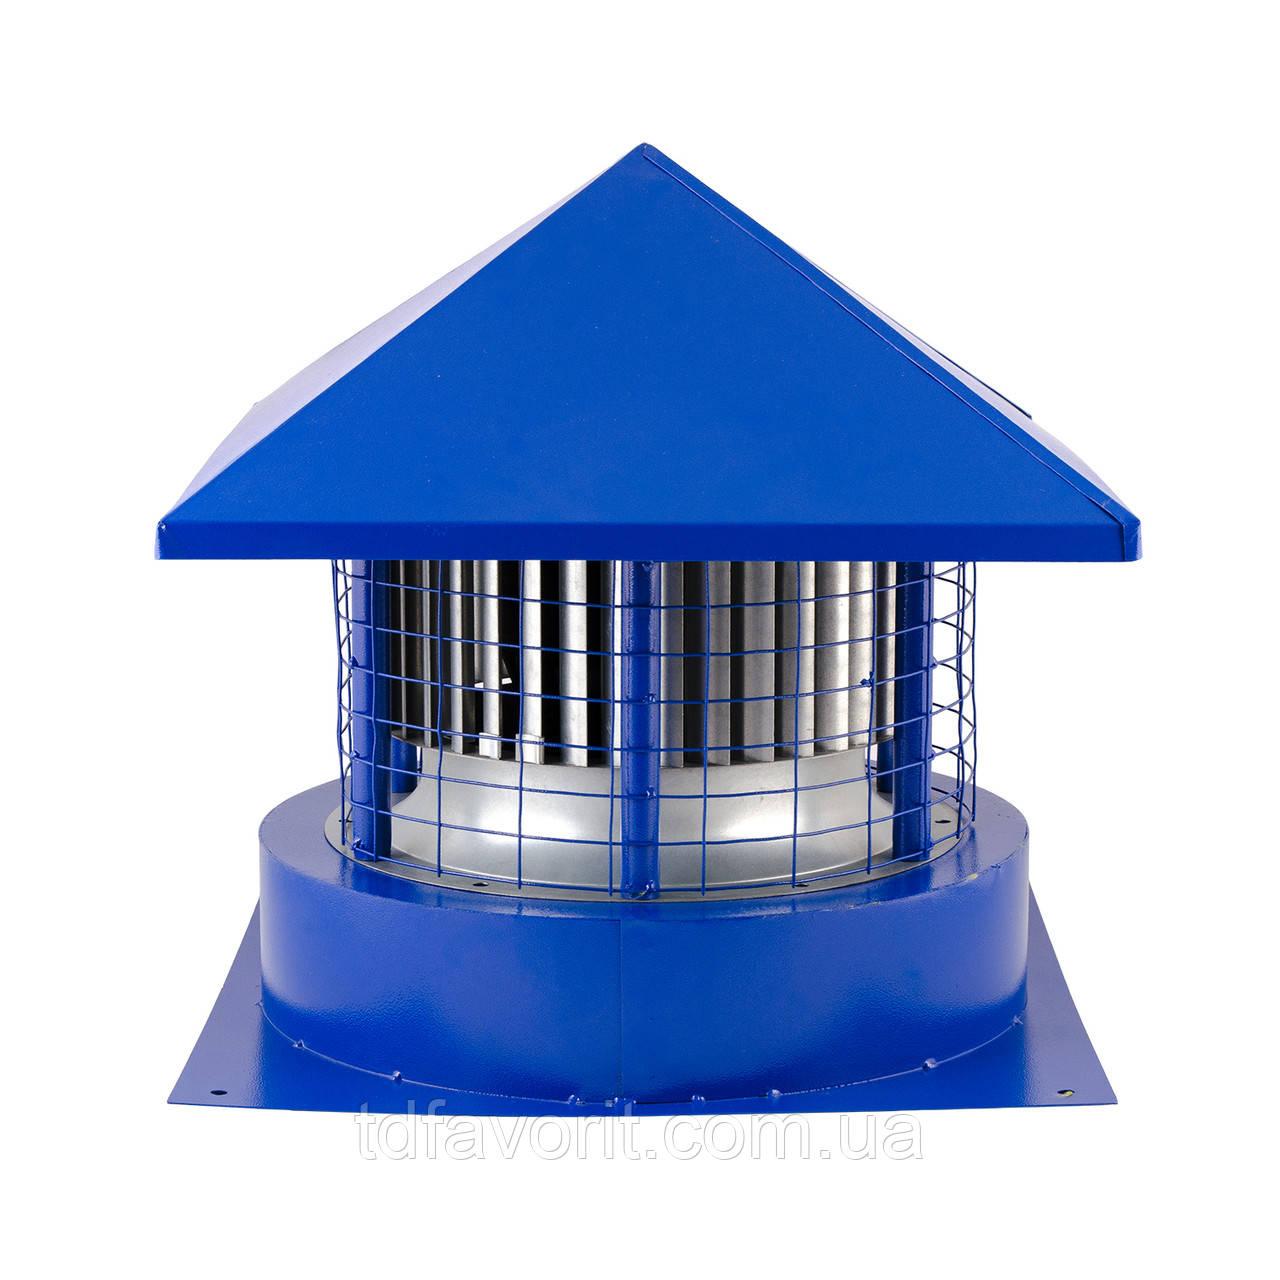 Вентилятор крышный радиальный  КВЦ 6